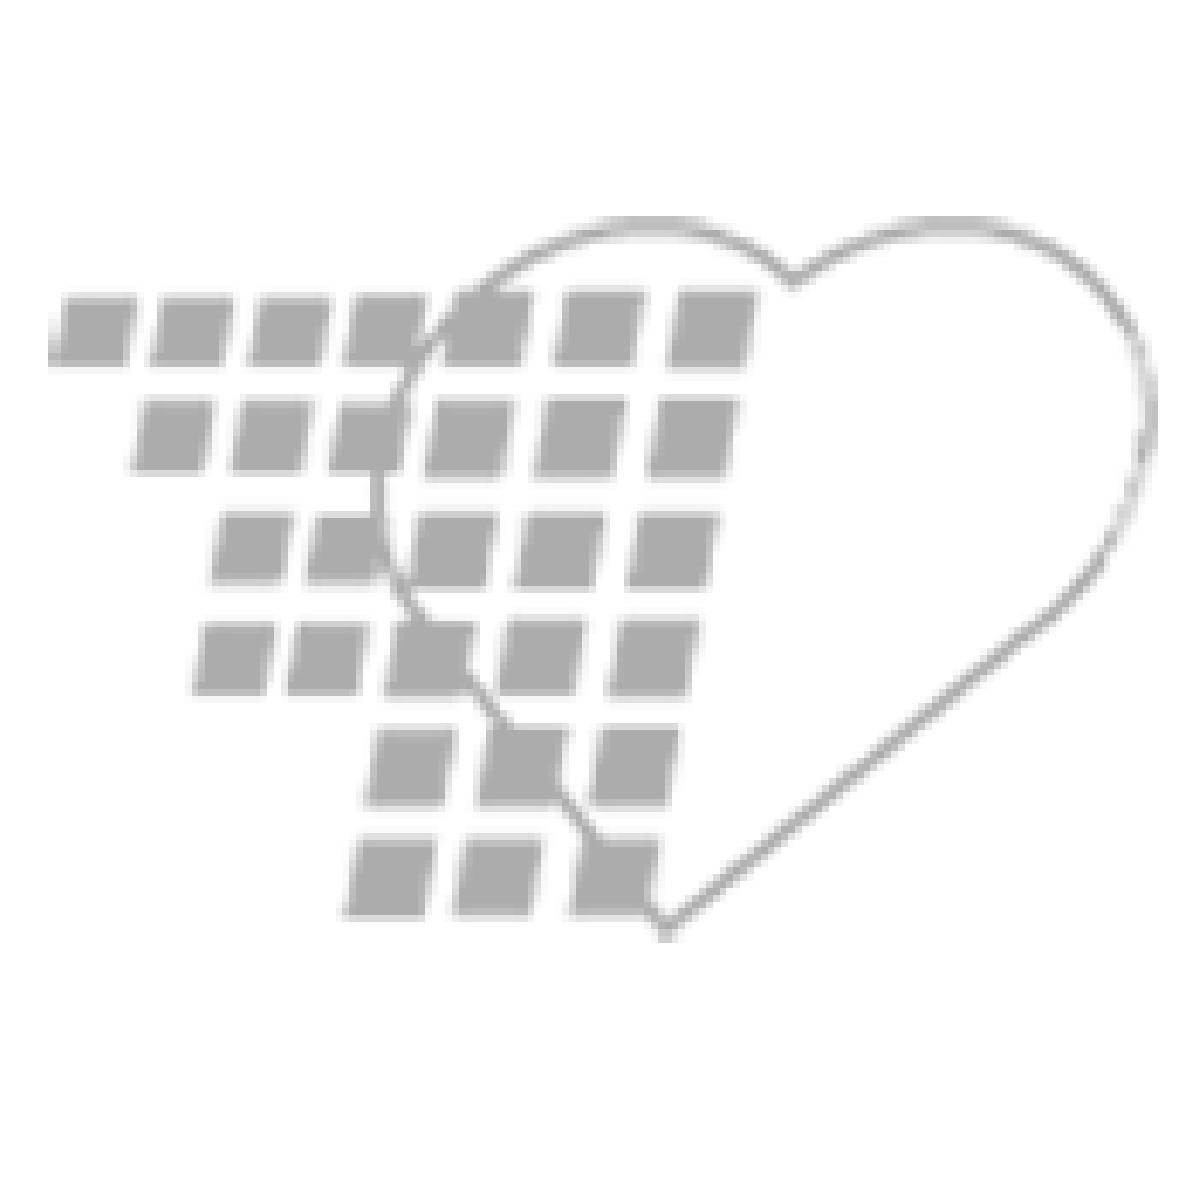 02-38-0225P Assure® Lance Plus Safety Lancets